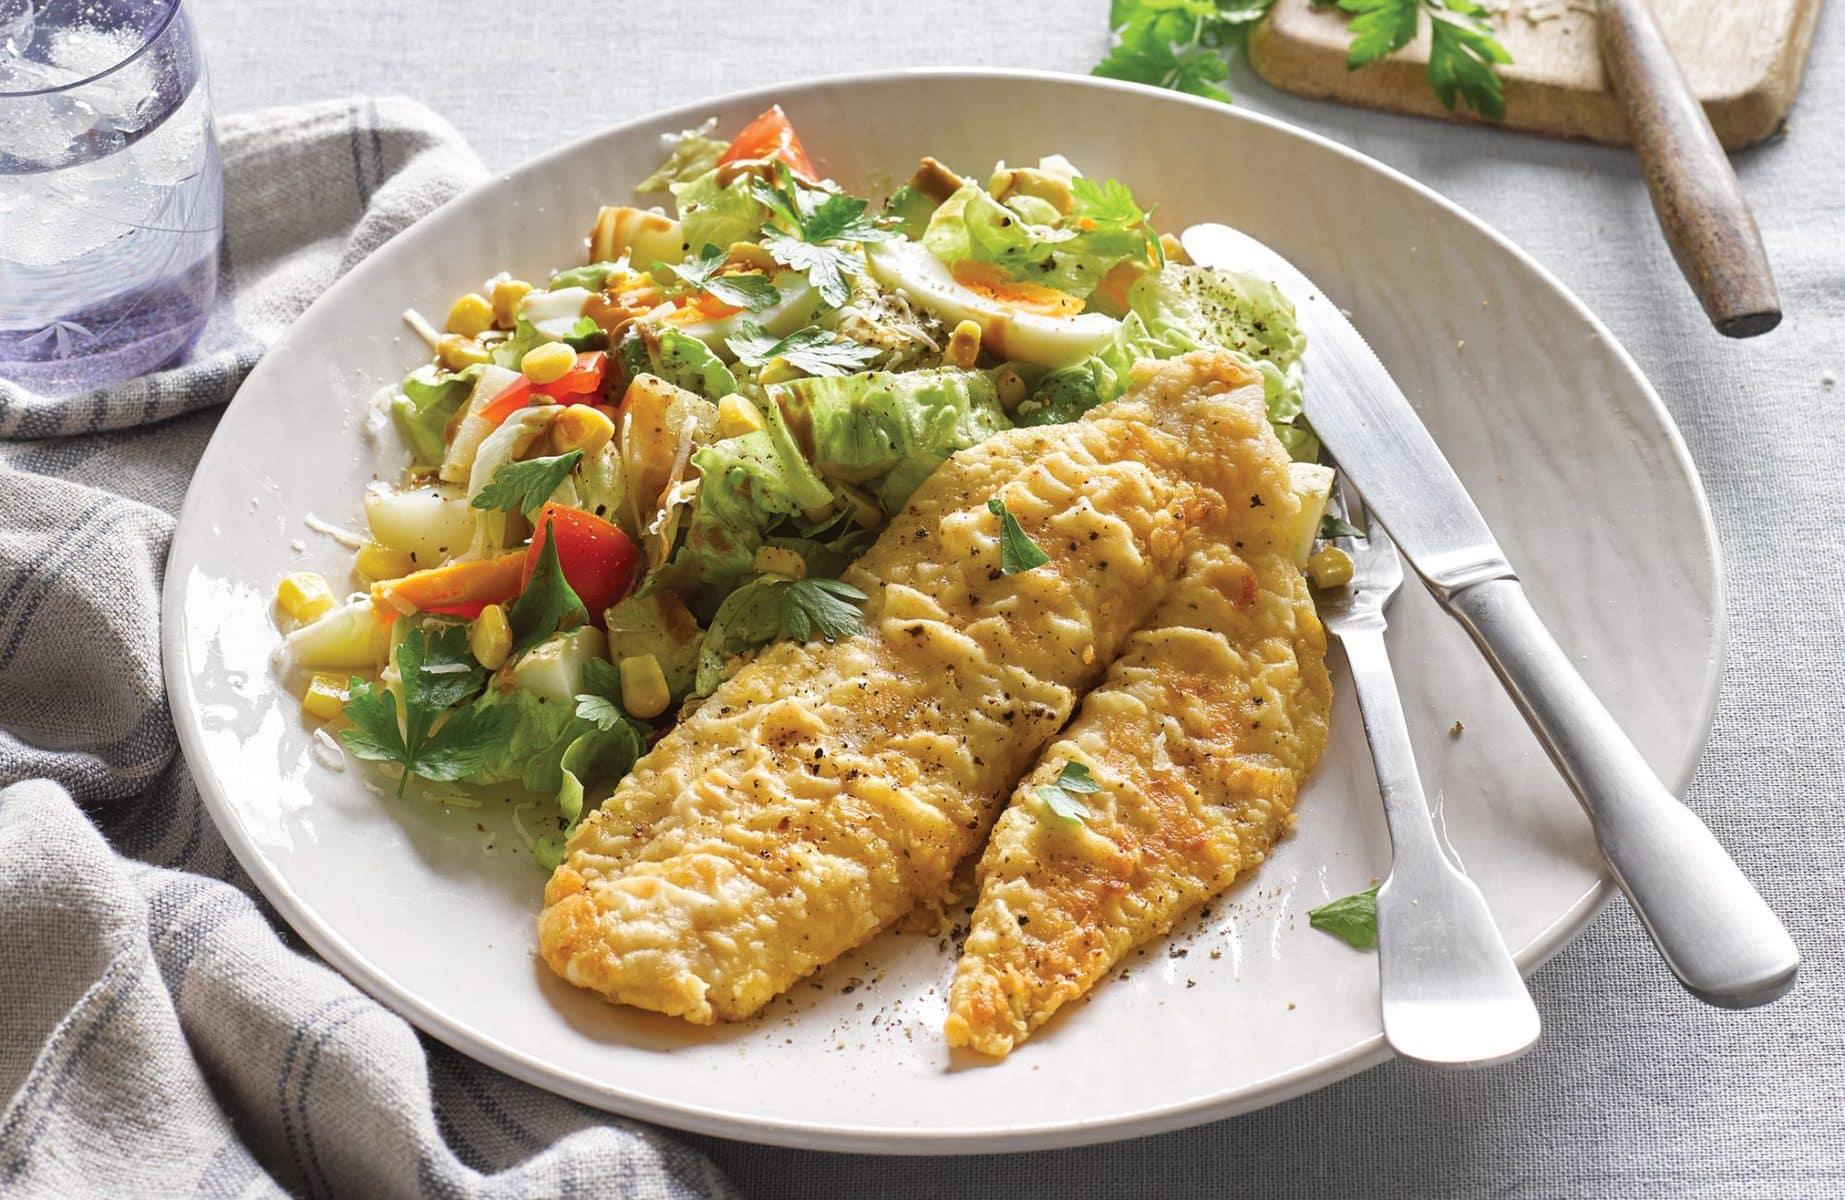 Cobb potato salad with crispy fish